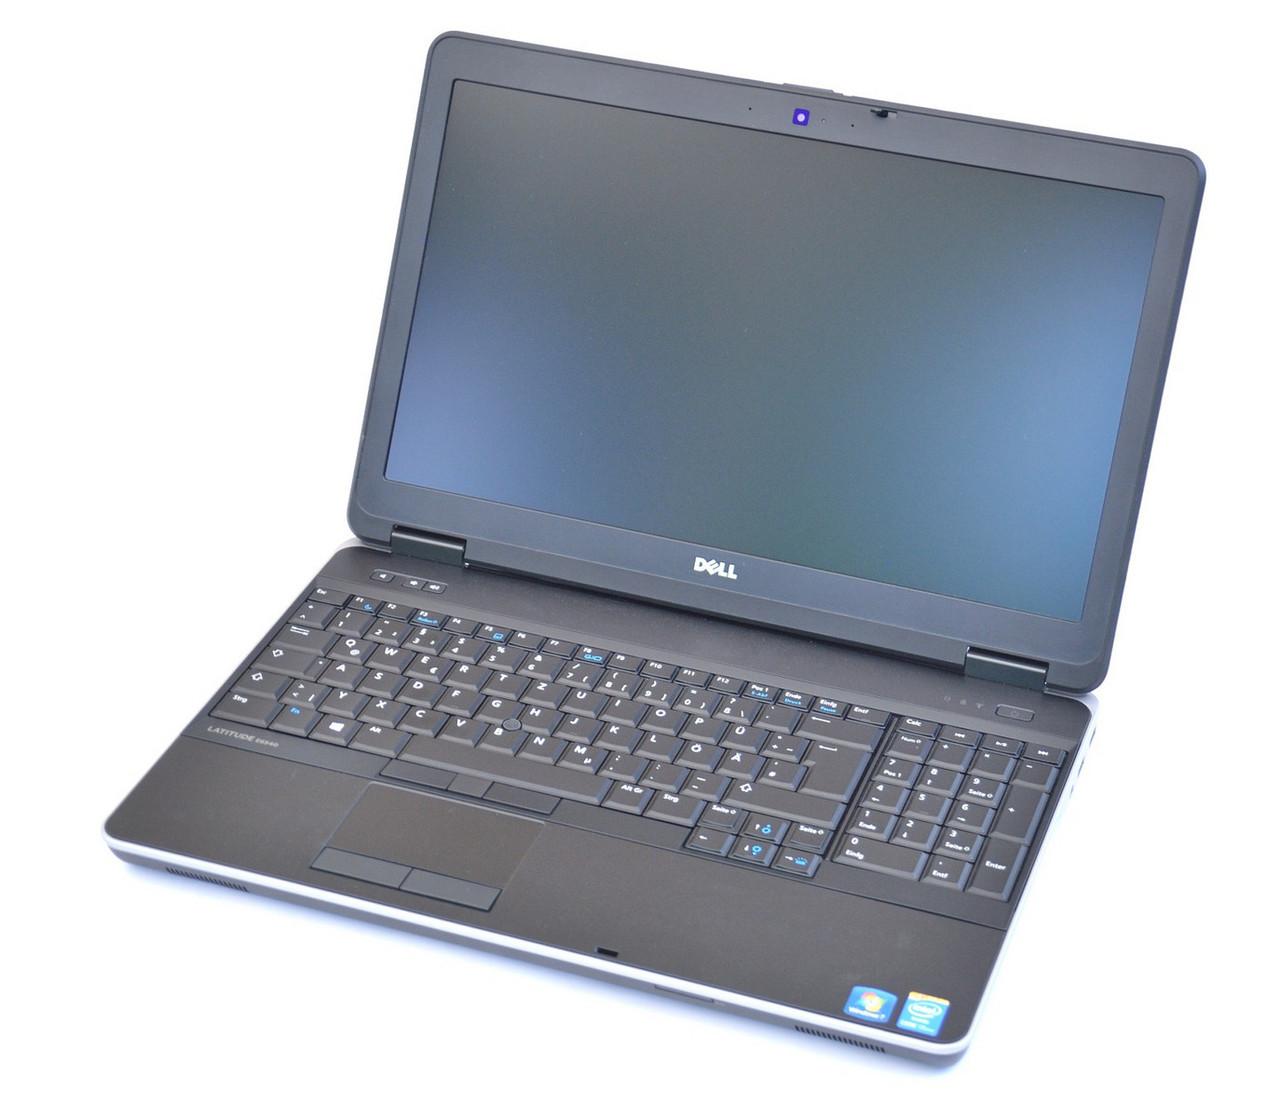 Ноутбук Dell Latitude E6540-Intel Core-i5-4310U-2,70GHz-8Gb-DDR3-256Gb-SSD-DVD-R-W15.6-Web- Б/У